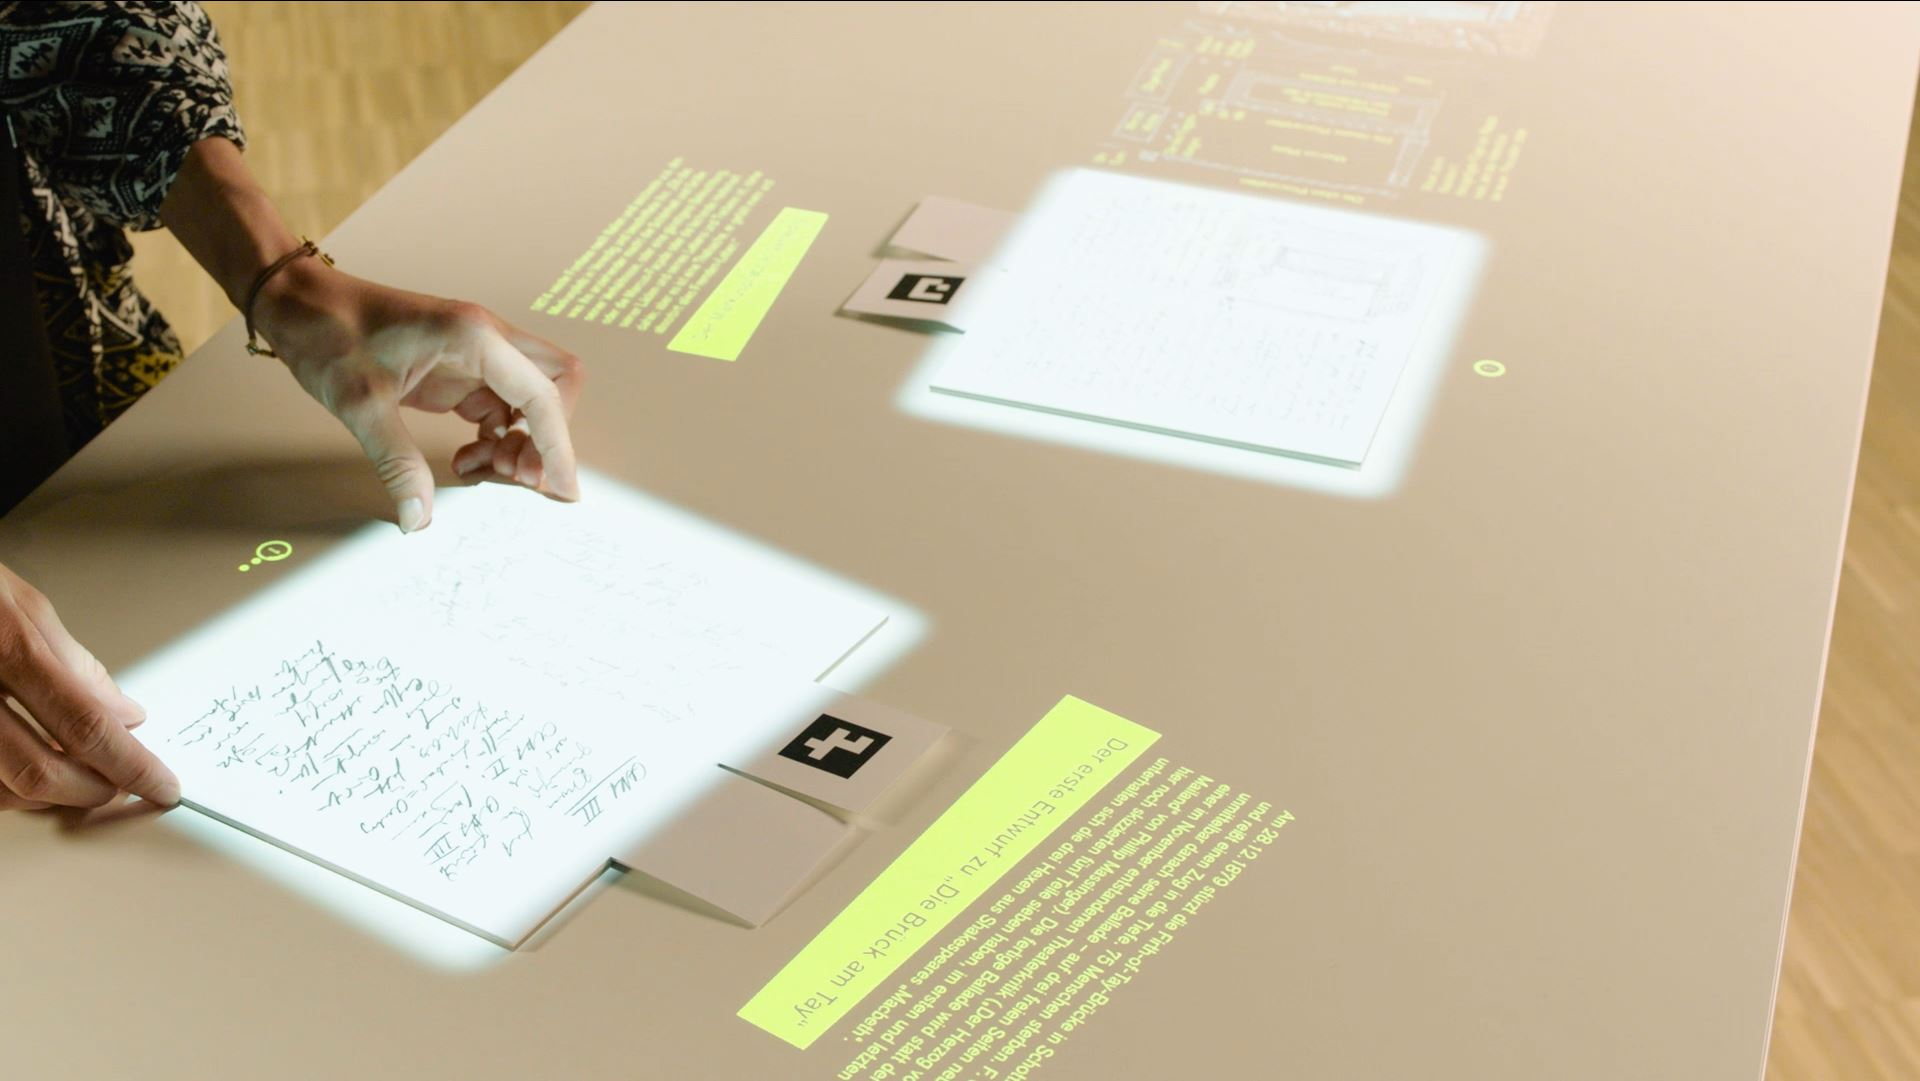 Projektion von Fontanes Aufschriebe auf dem interaktiven Tisch im Detail